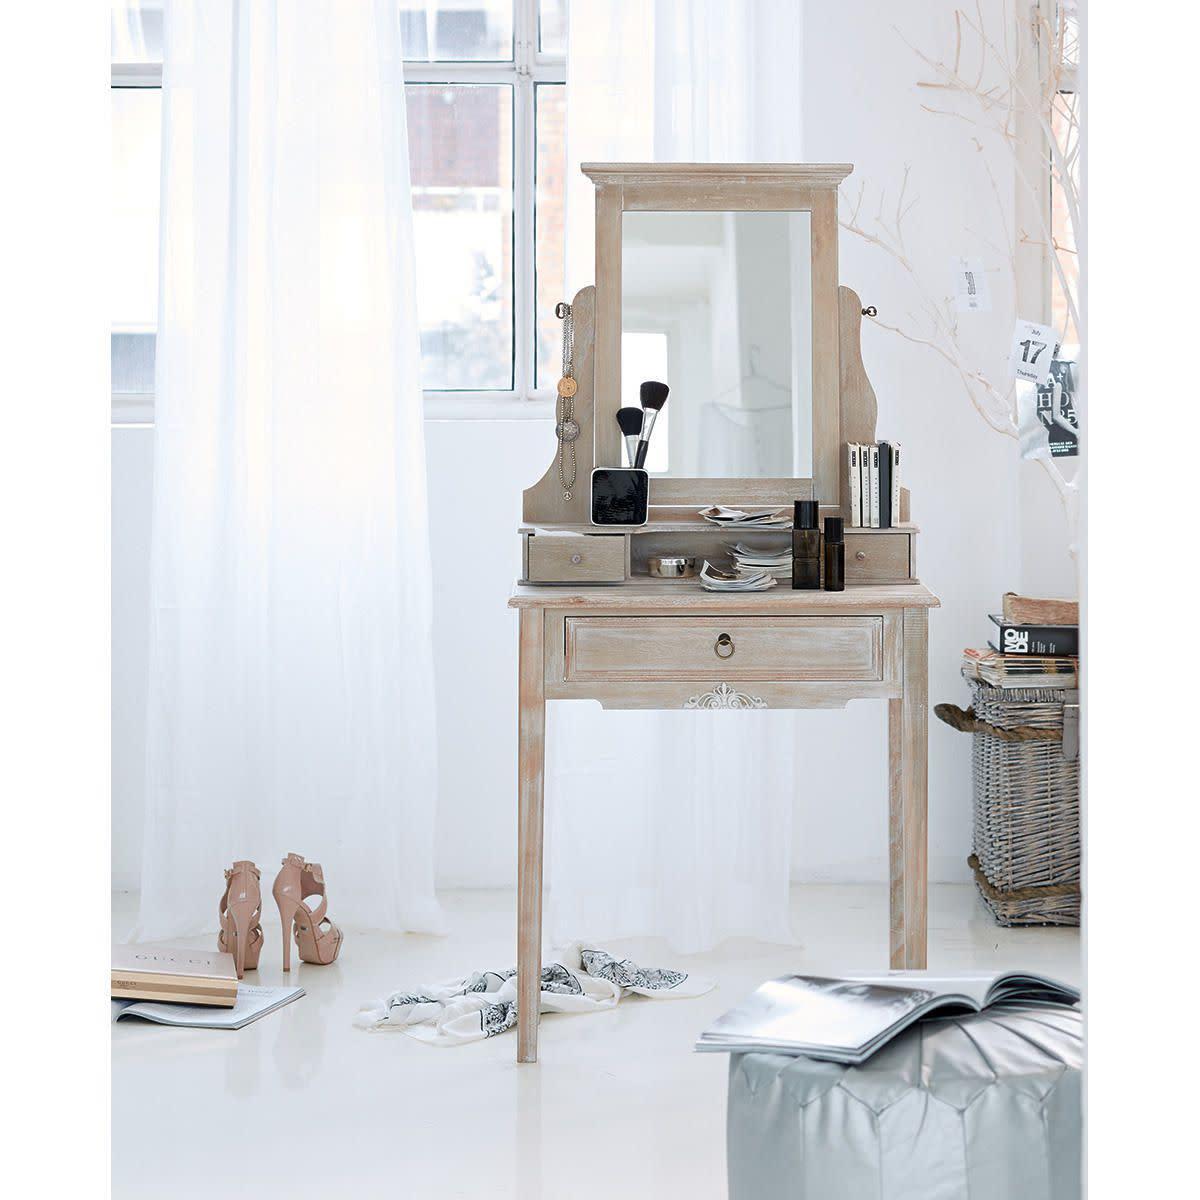 schminktisch mit spiegel g nstig kaufen. Black Bedroom Furniture Sets. Home Design Ideas